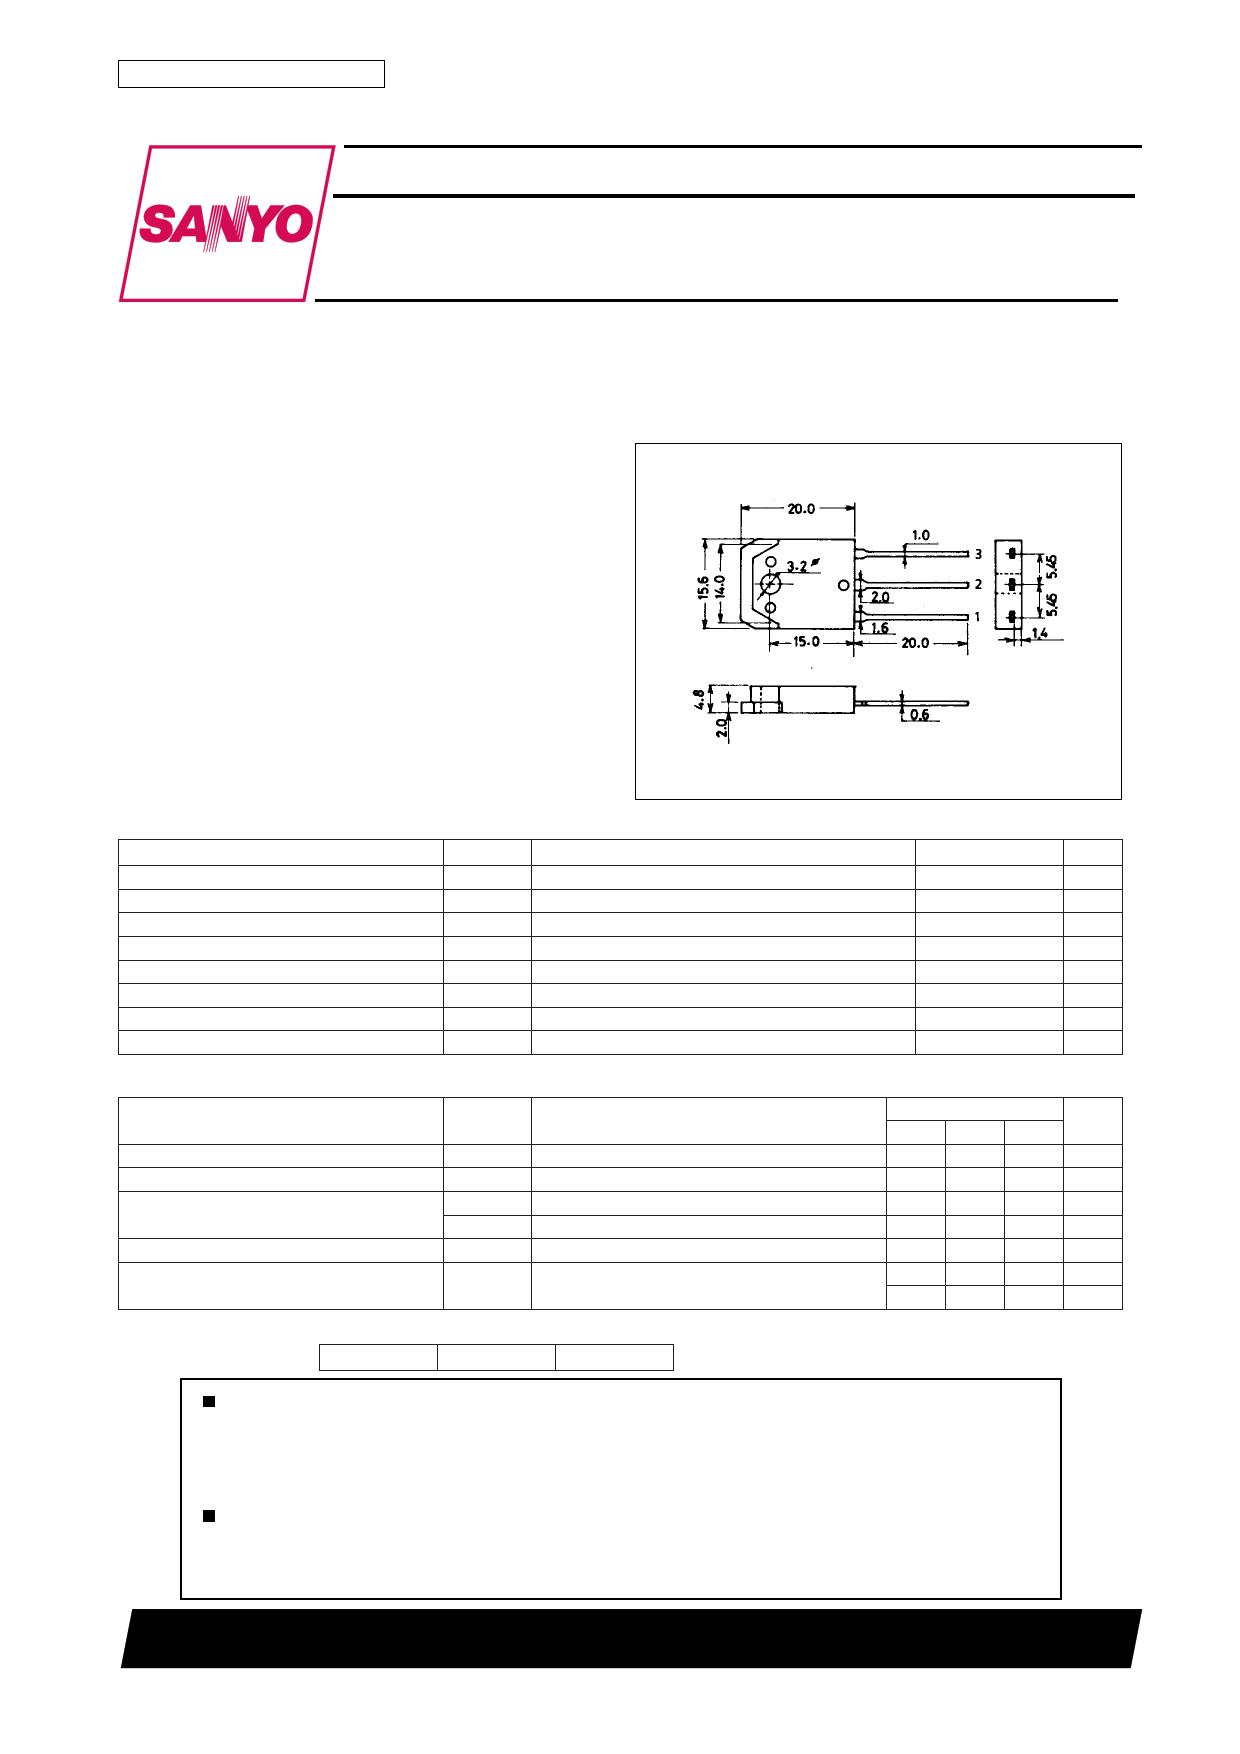 D1064 datasheet